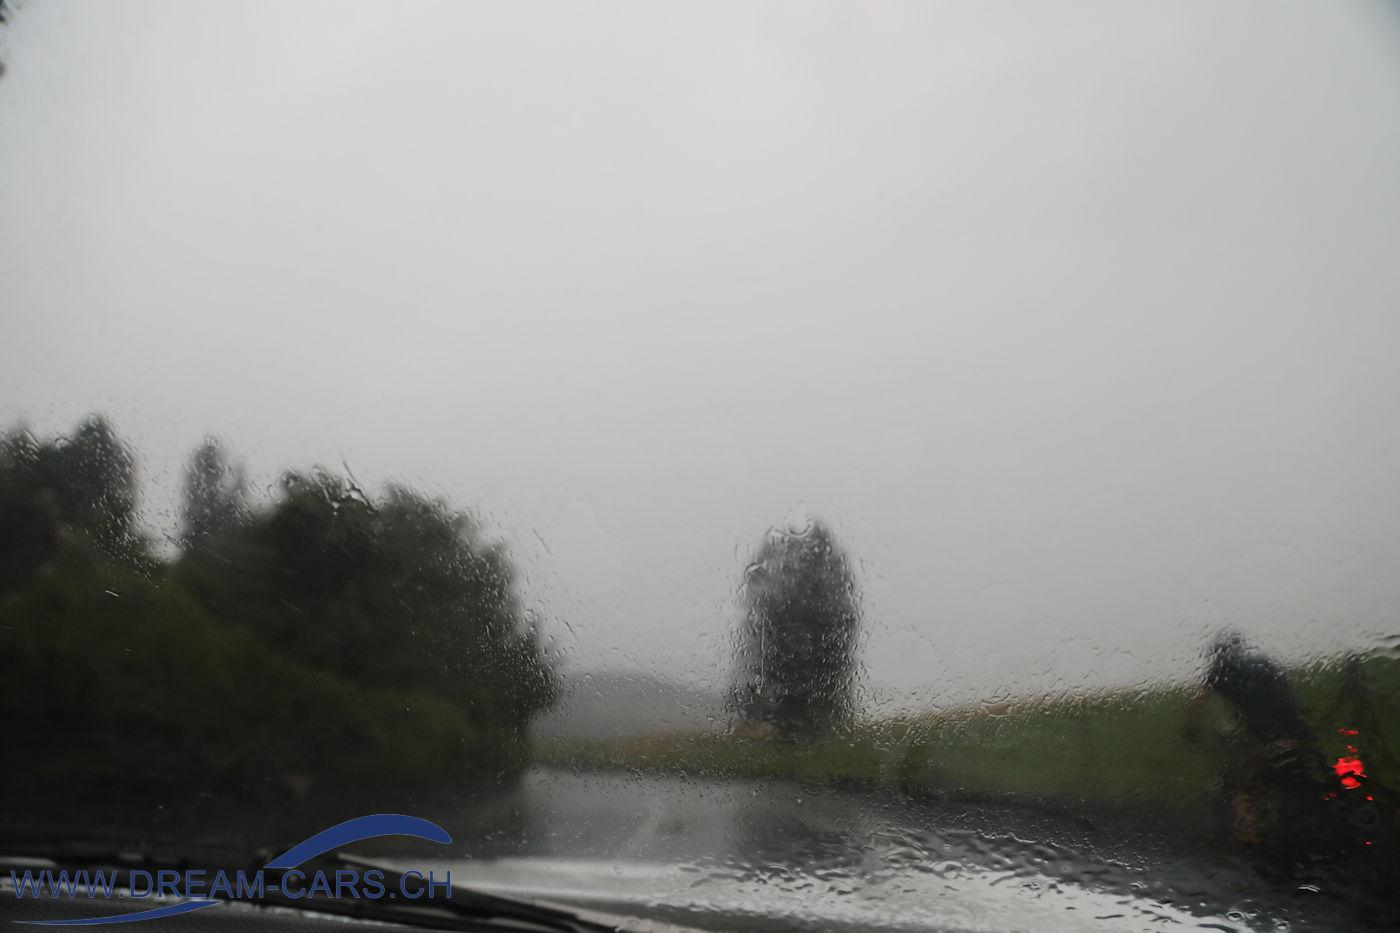 OSMT, Juli, 2019, Rundfahrt, Regen, Sturm